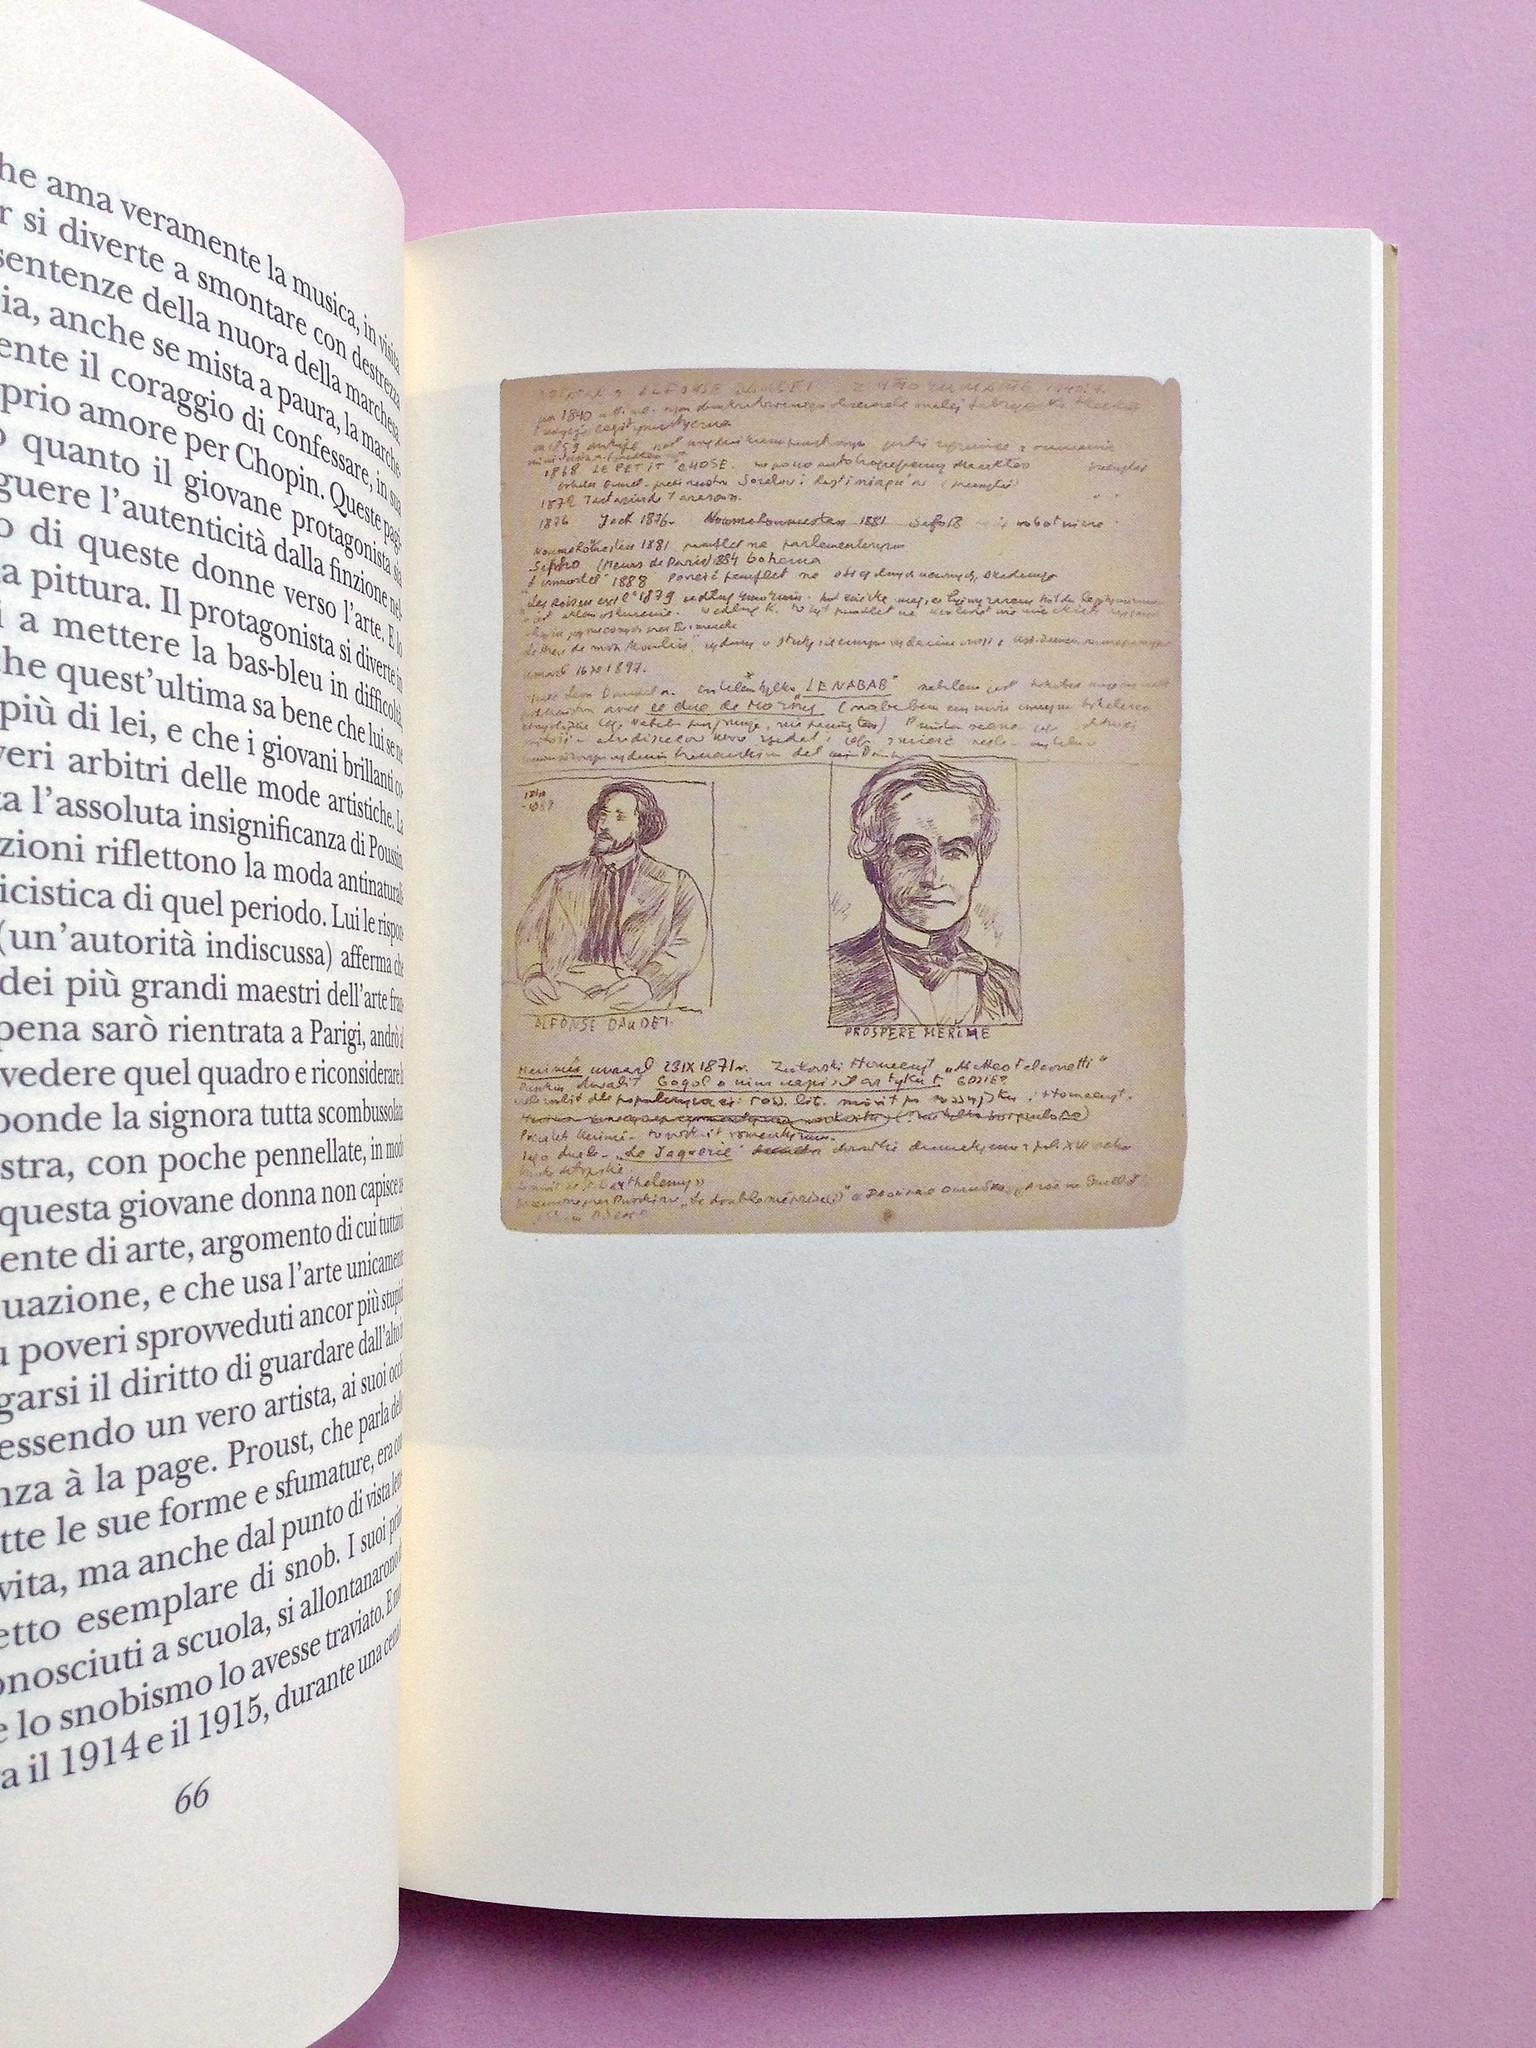 Proust a Grjazovec, di Józef Czapski. Adelphi 2015. Resp. grafica non indicata. Illustrazione nel testo, indicazione del numero della pag. non indicata, a pag. 67 (part.), 1